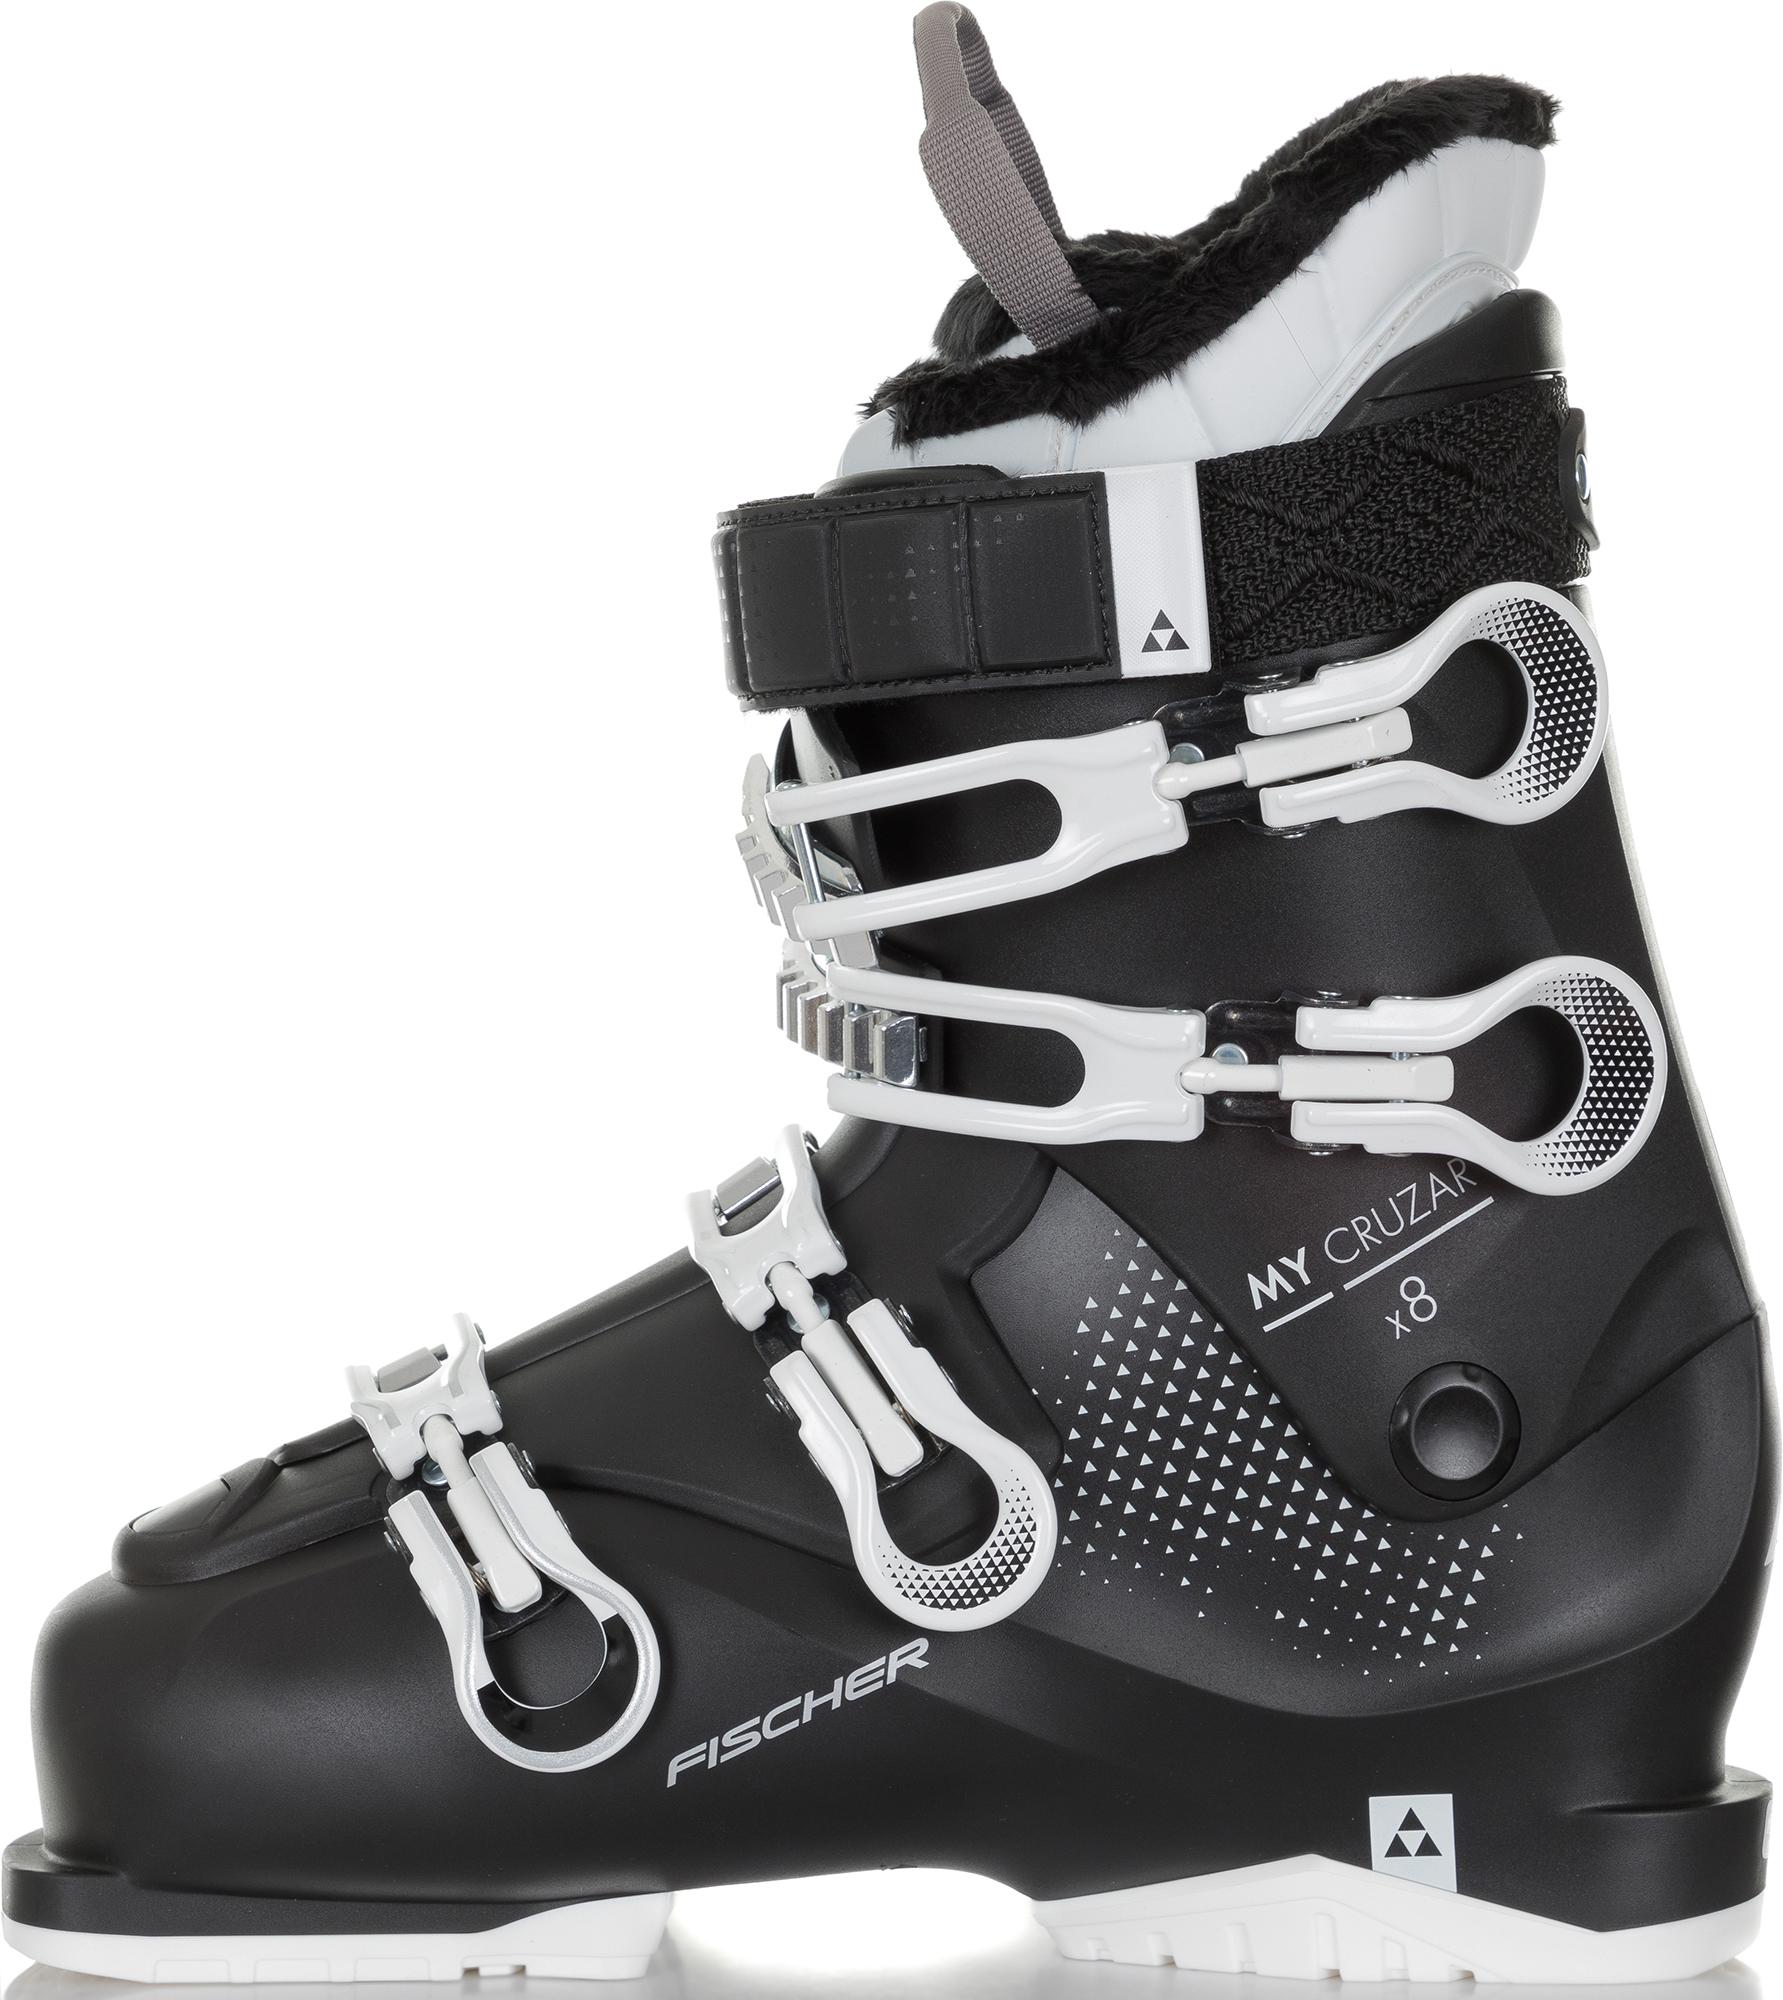 Fischer Ботинки горнолыжные женские Fischer MY CRUZAR X 8,0 THERMOSHAPE, размер 42